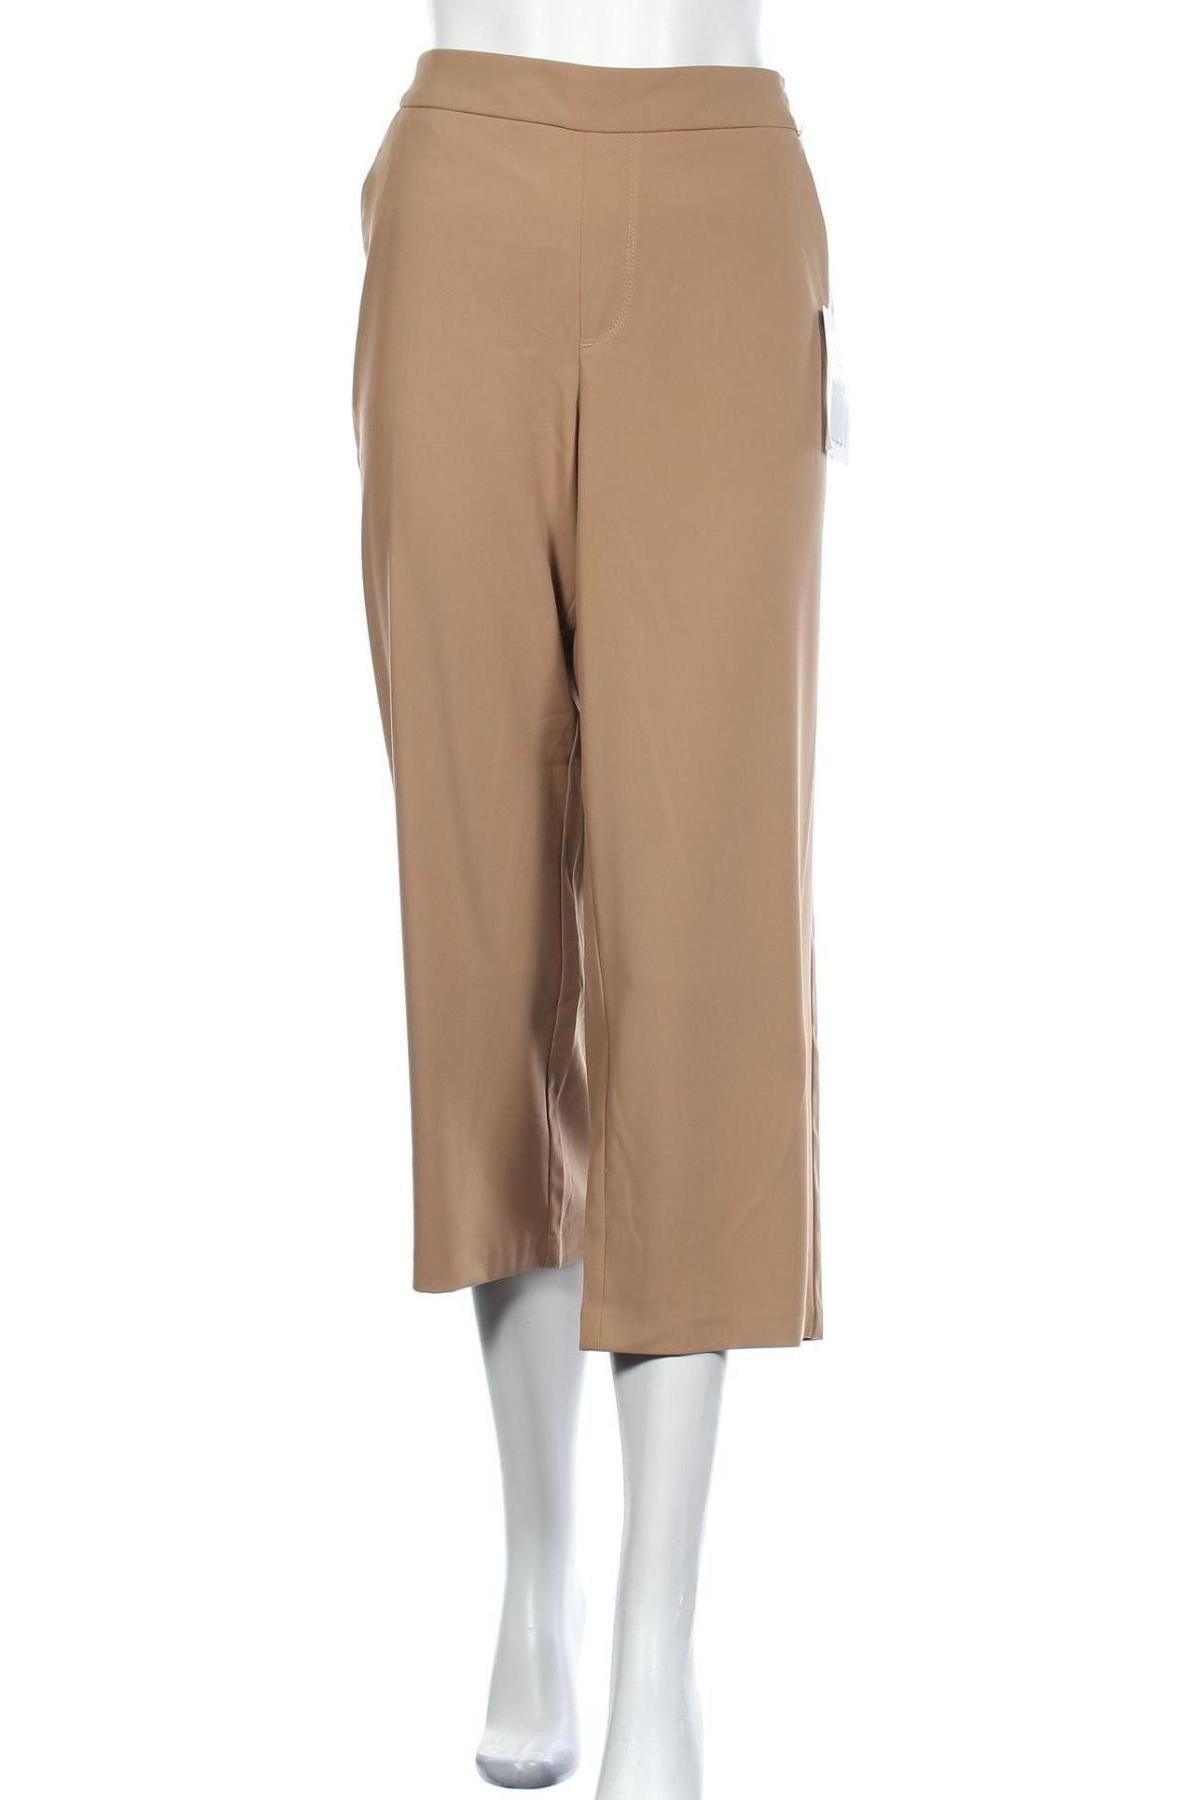 Дамски панталон Mac, Размер L, Цвят Кафяв, 91% полиестер, 9% еластан, Цена 15,42лв.